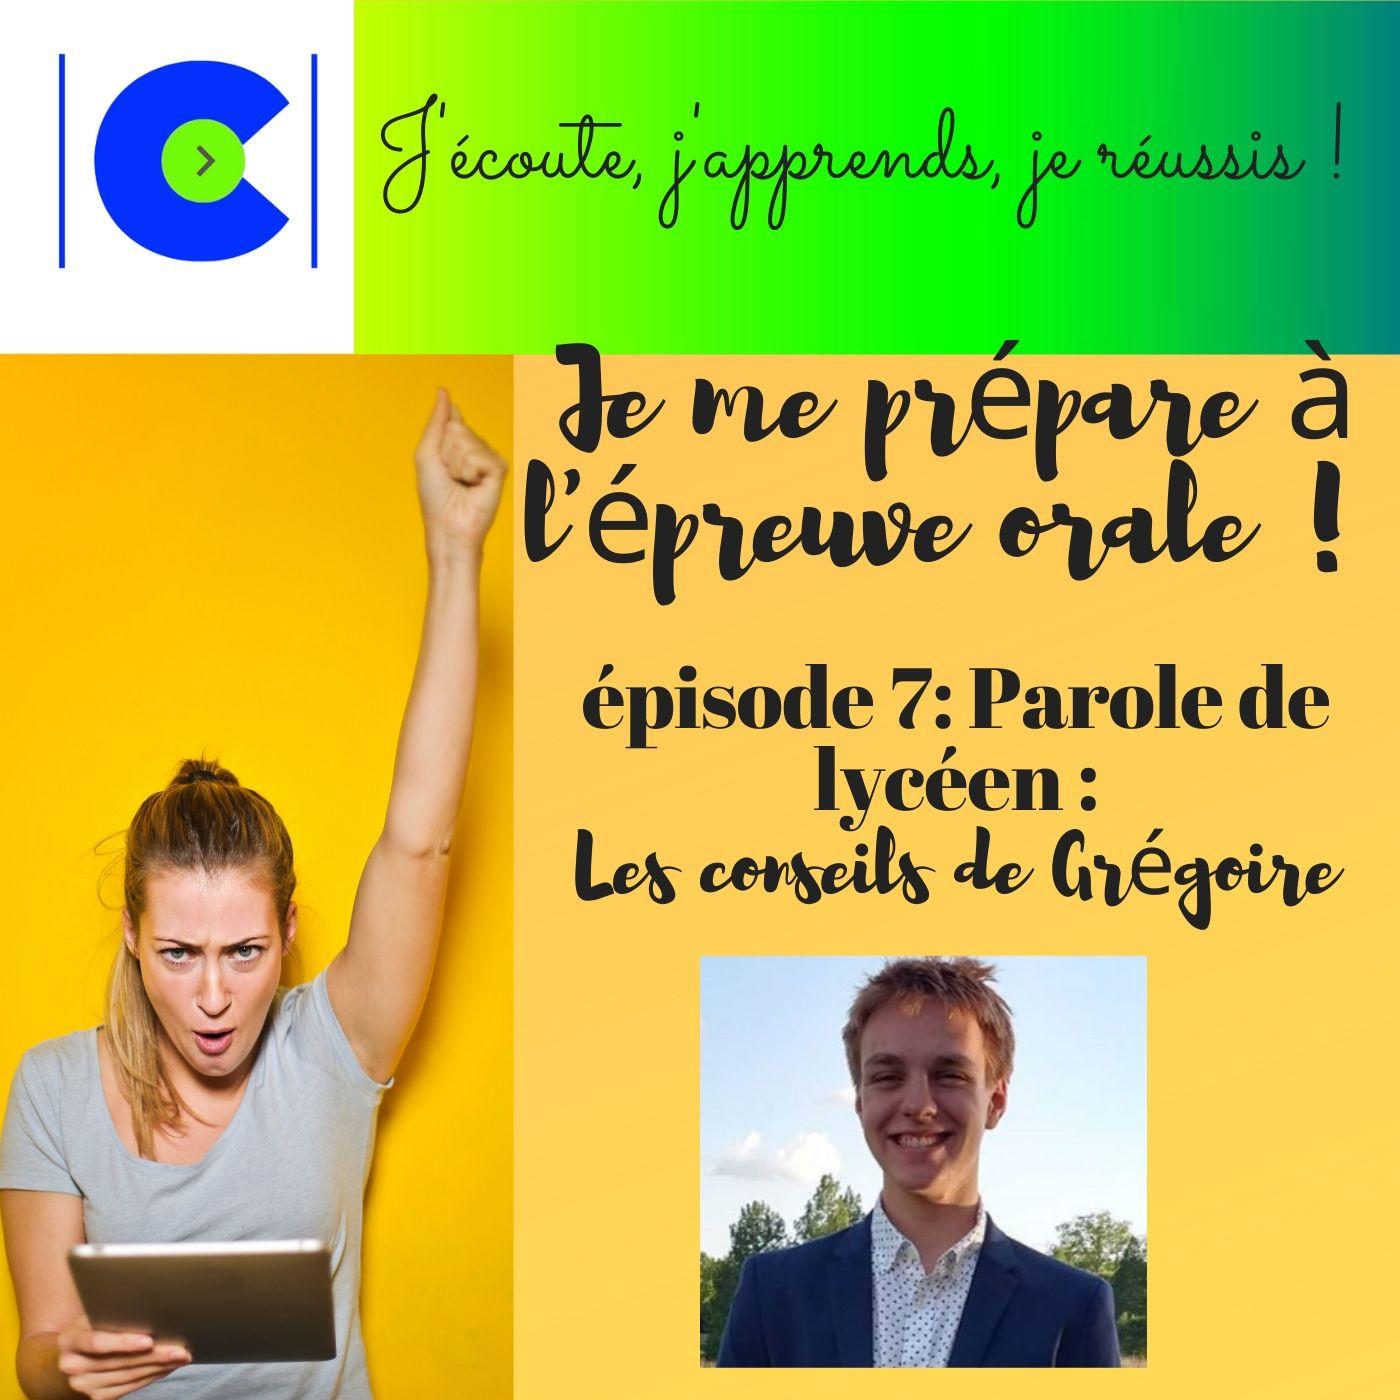 MÉTHODOLOGIE: L'épreuve orale, Parole de Lycéen ( Episode 7)